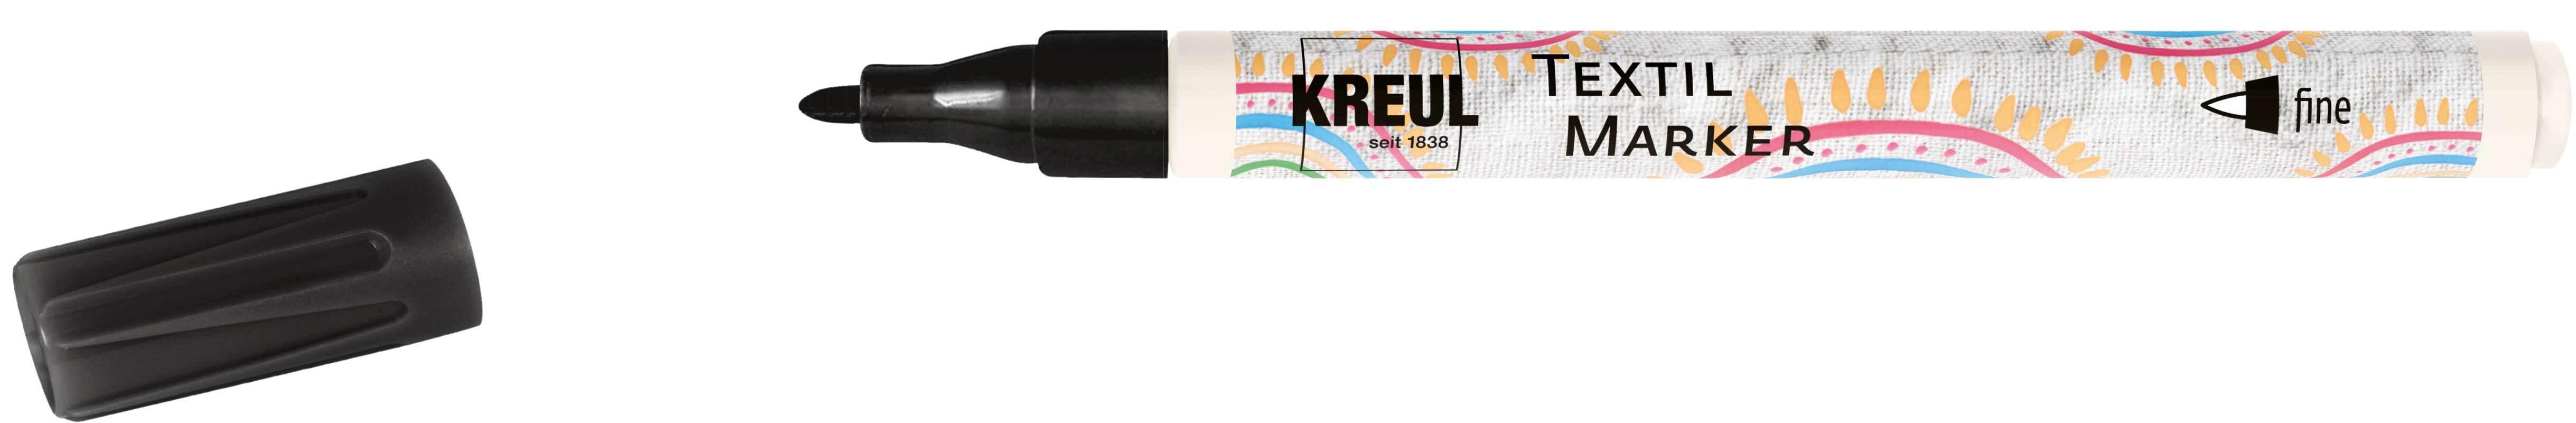 Textielmarker  - fijn, 1 - 2 mm, zwart